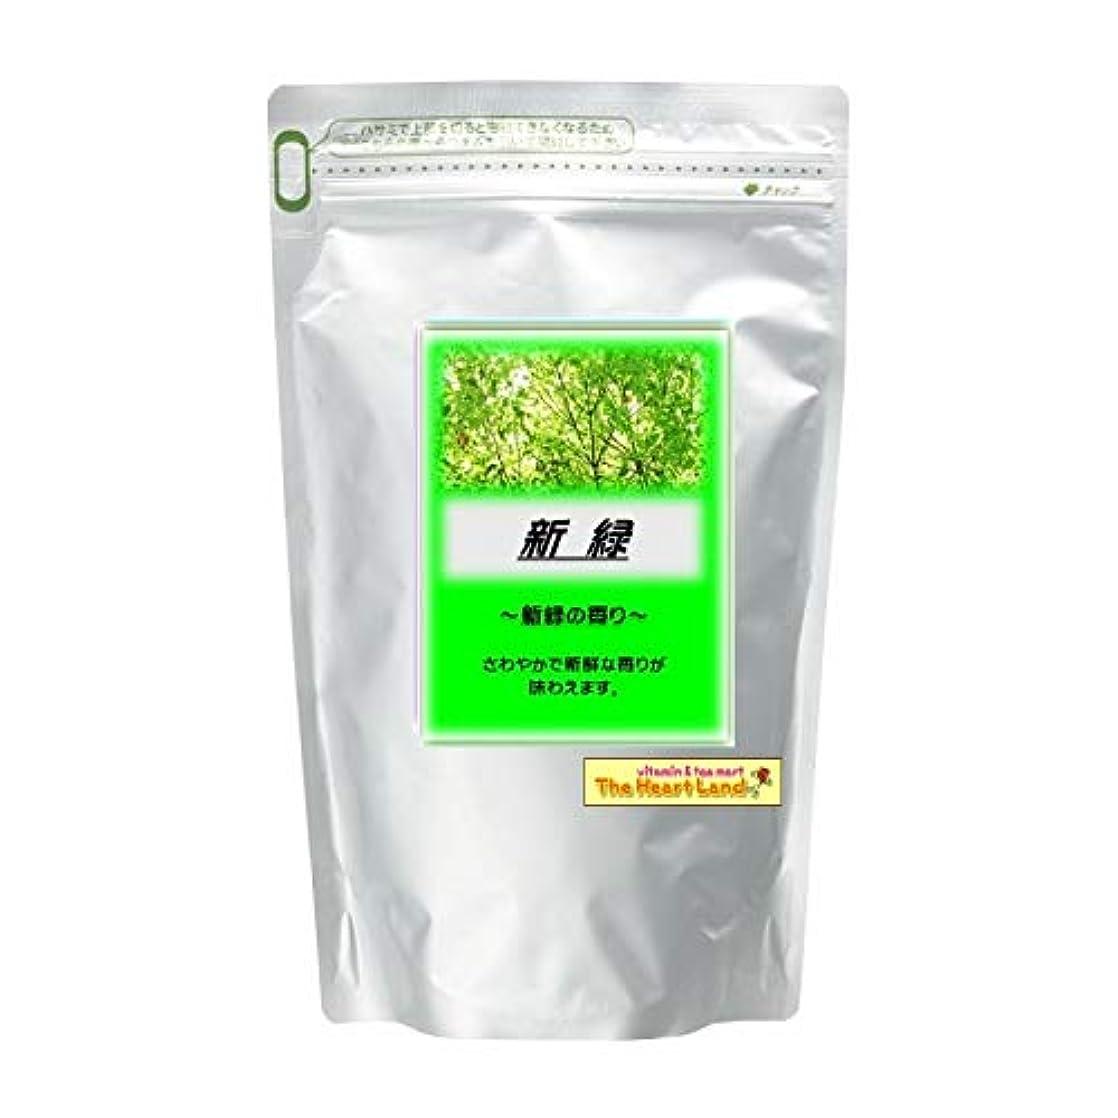 移植専制雑種アサヒ入浴剤 浴用入浴化粧品 新緑 2.5kg